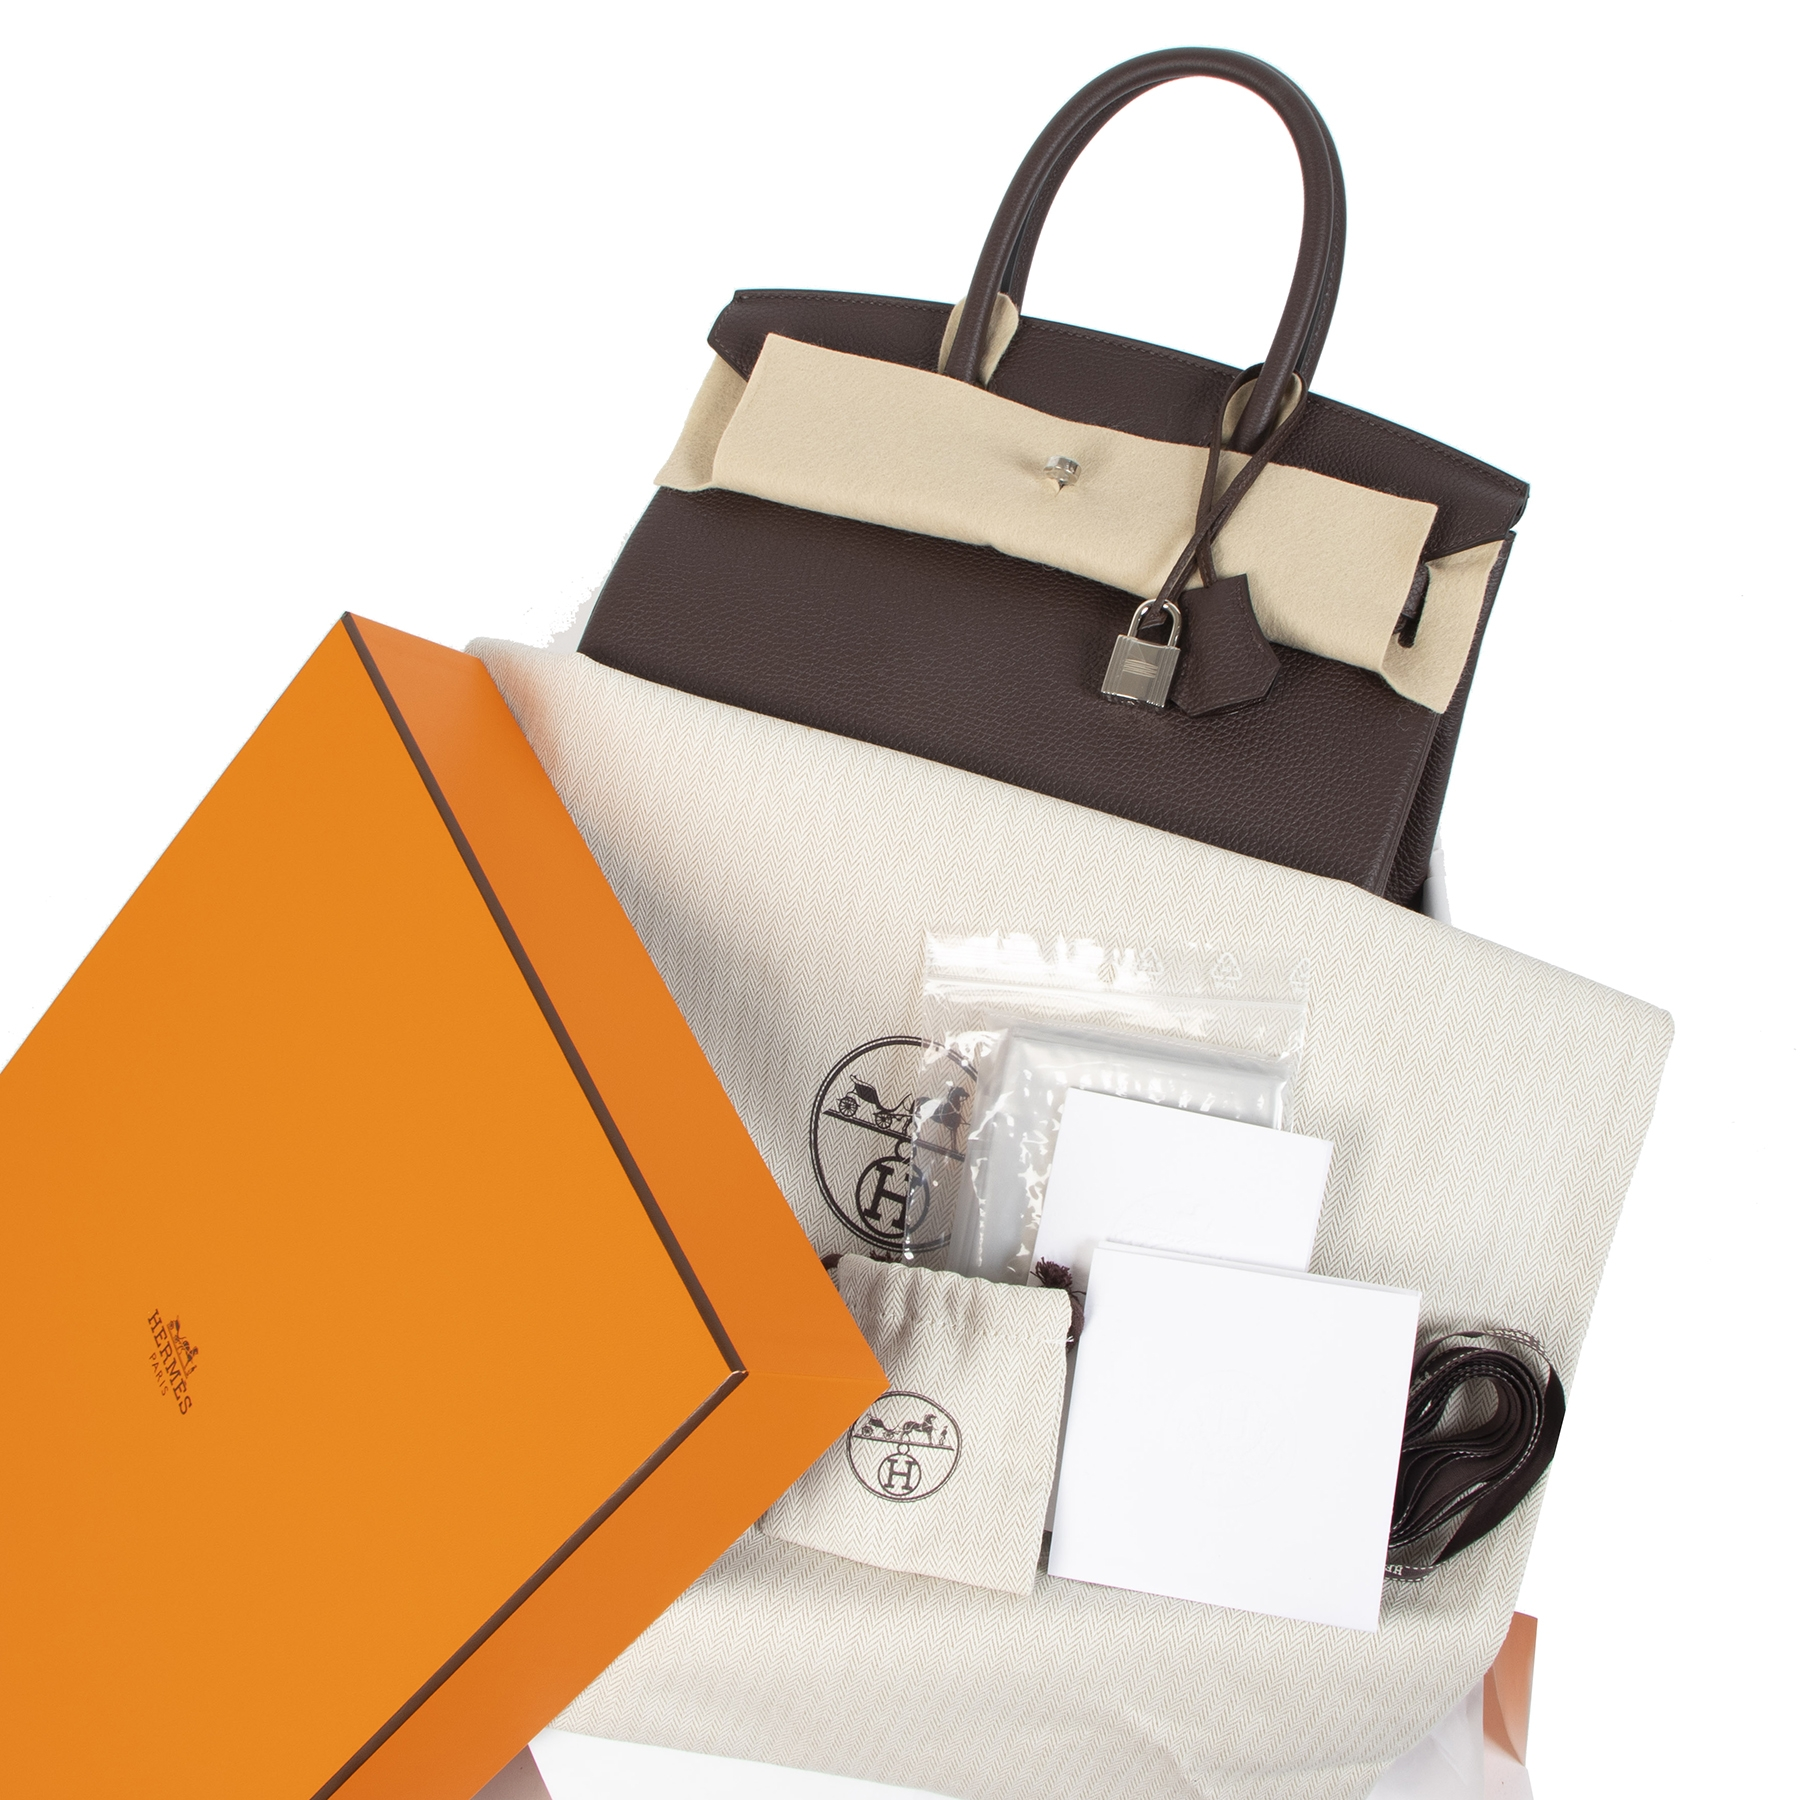 Hermès Birkin 30 chocolat togo PHW for sale at Labellov secondhand luxury in Antwerp Belgium